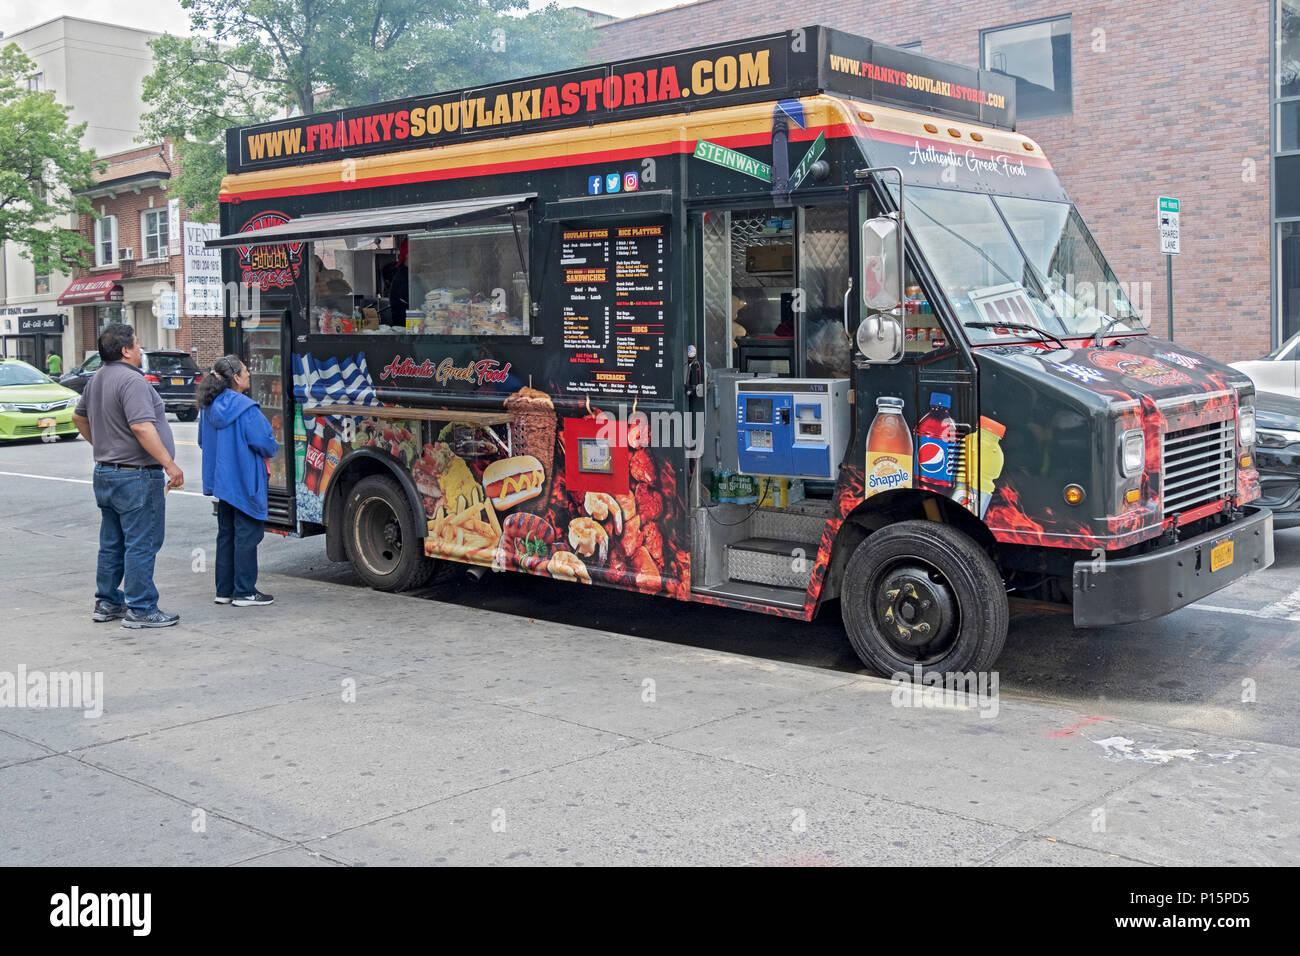 Greek Food Truck Austin